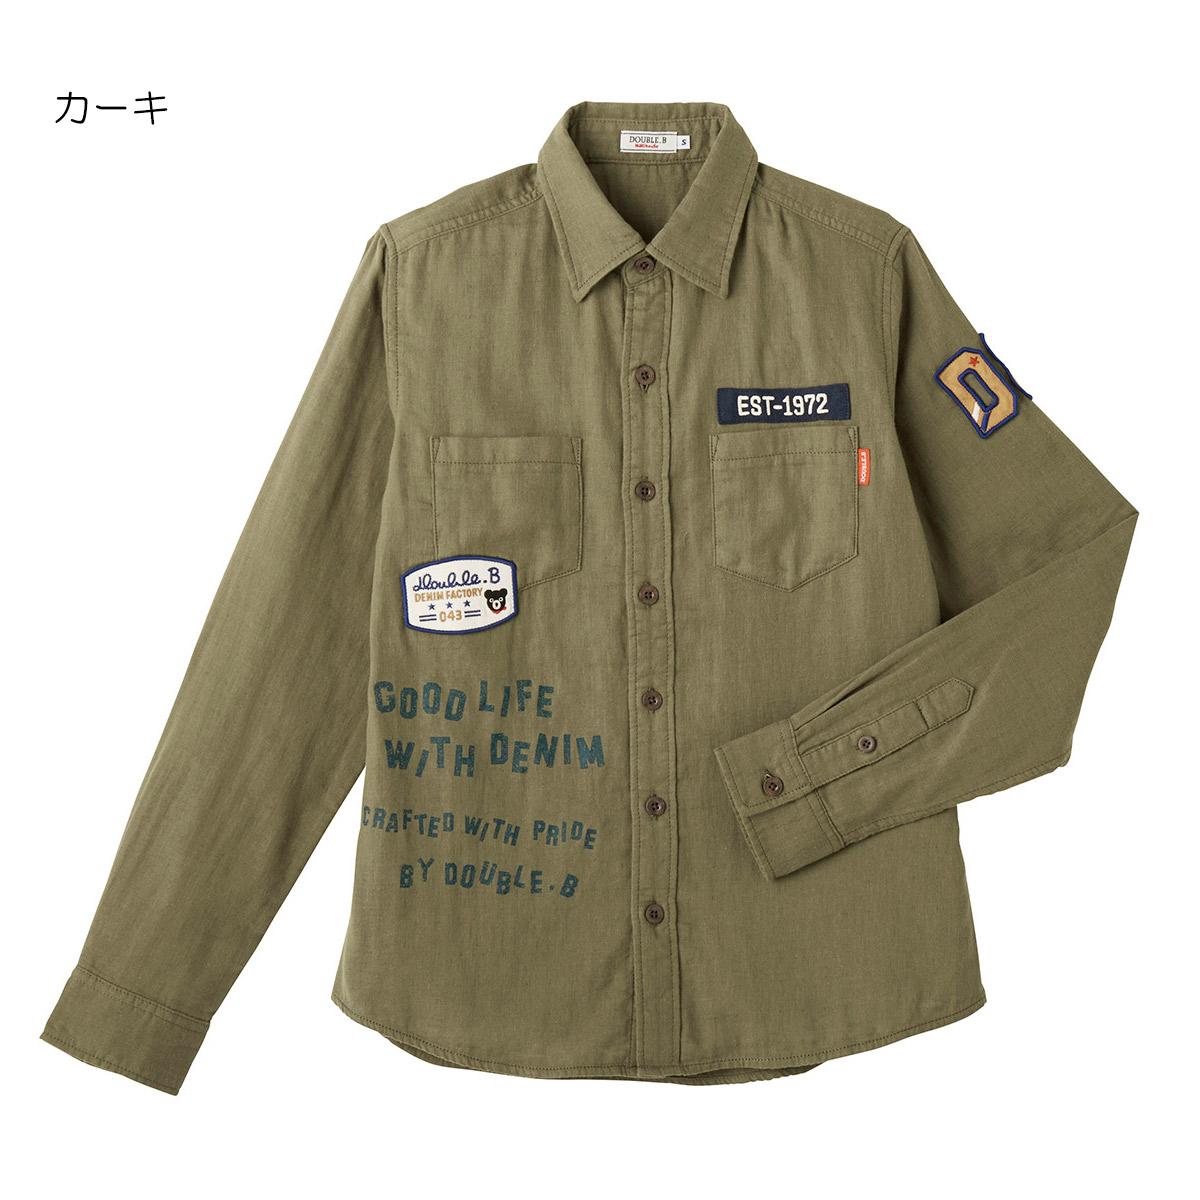 ミキハウス ダブルビー mikihouse ダブルガーゼ素材のミリタリーシャツ(大人用)〈M-L(165cm-185cm)〉